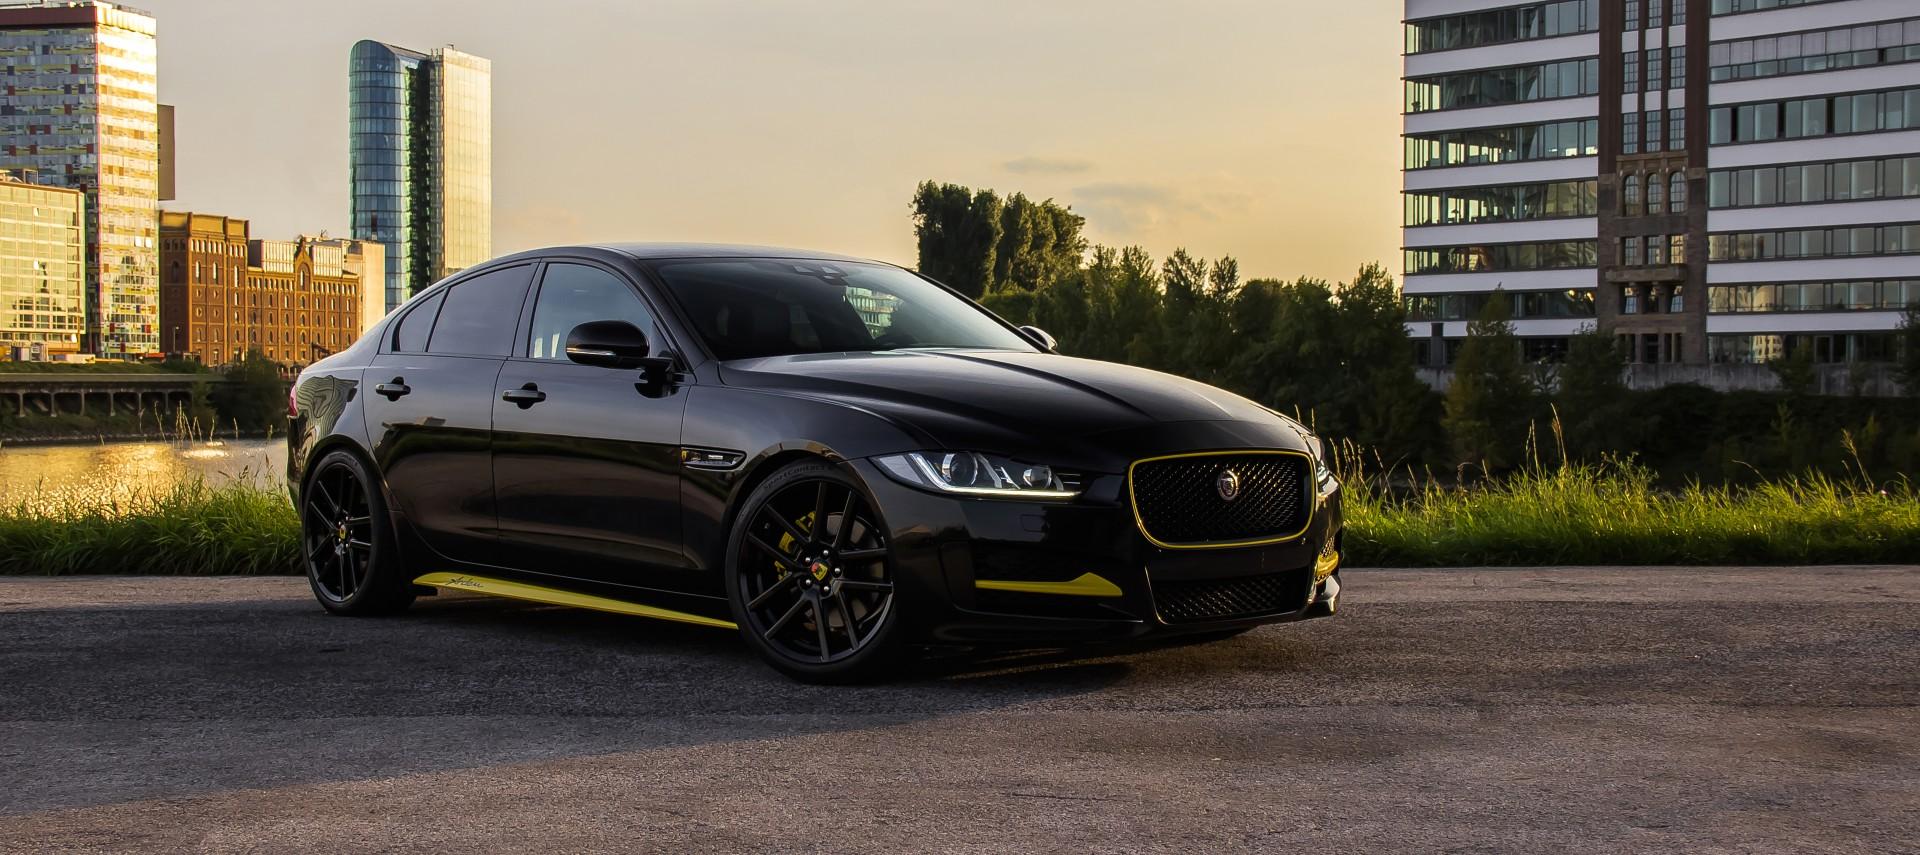 Jaguar Xe Tuning Exclusive Refinement Arden Aj 24